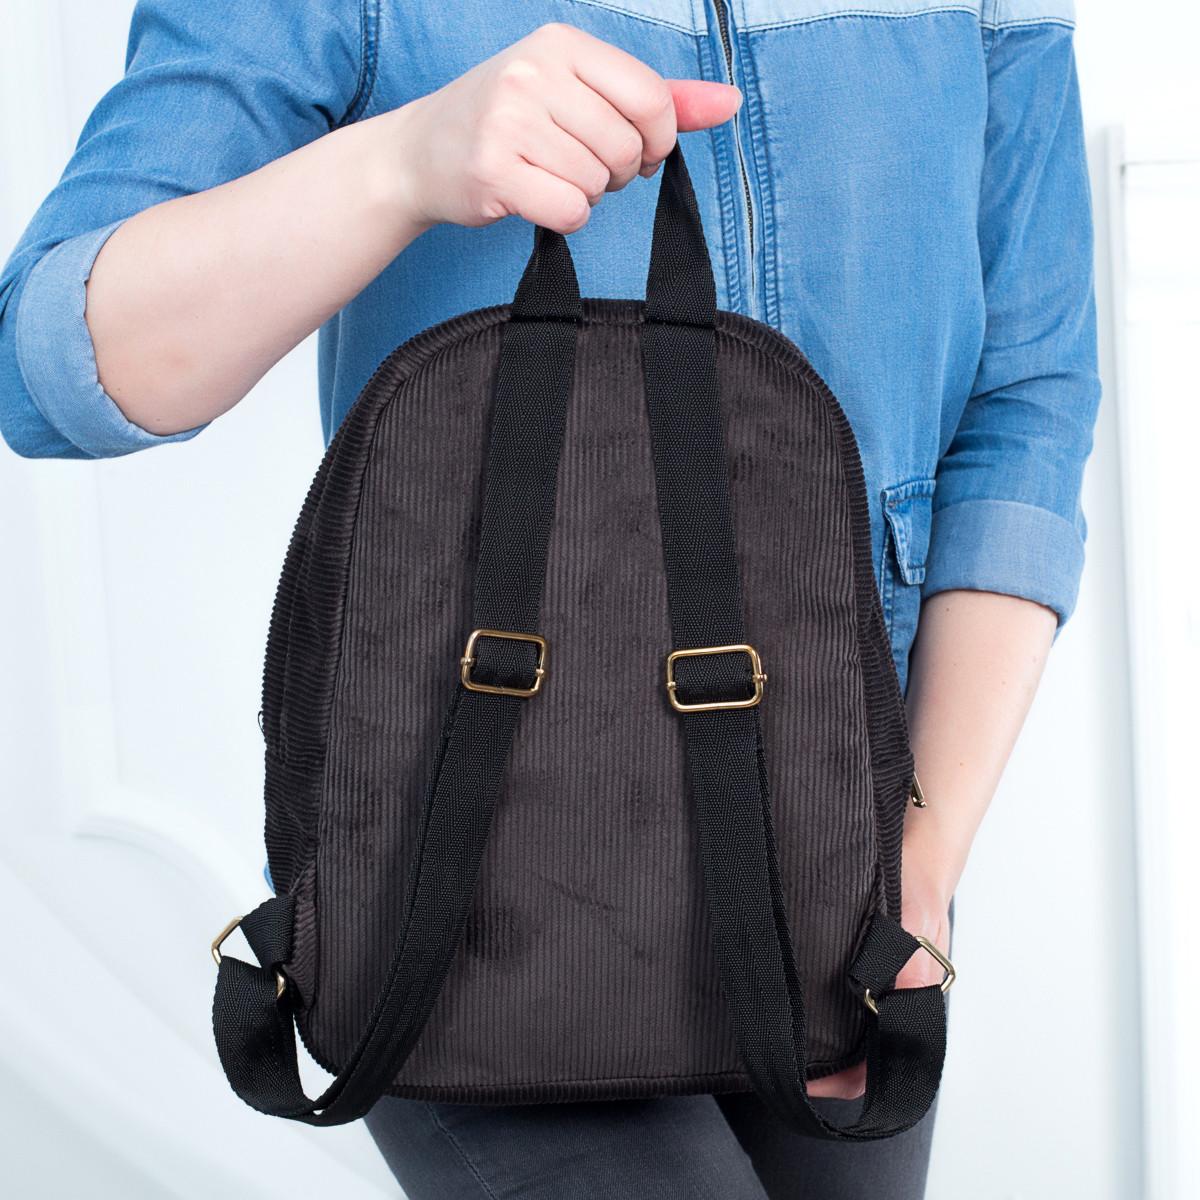 Городской женский вельветовый рюкзак Mayers, шоколадный, фото 6